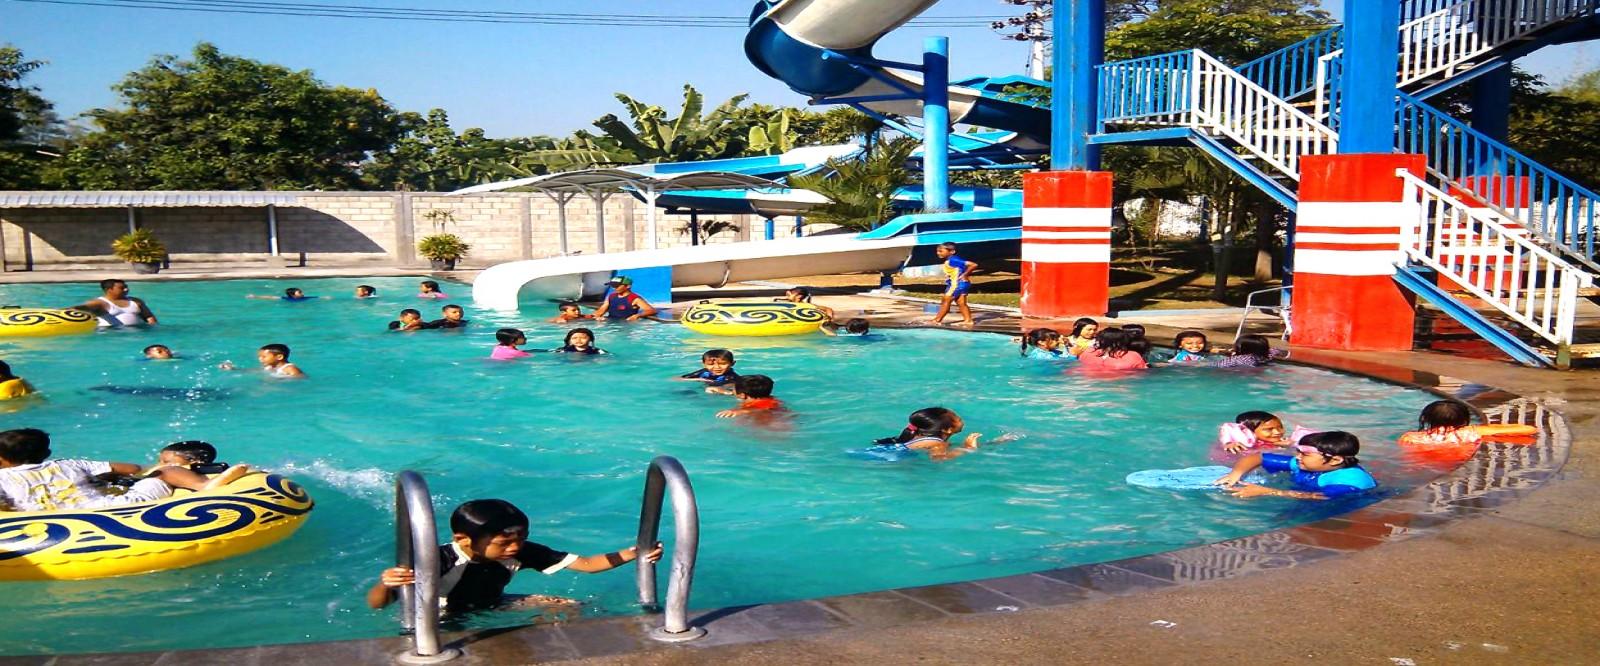 Cardplus Sun City Waterpark Objek Wisata Wahana Air Terbesar Sidoarjo